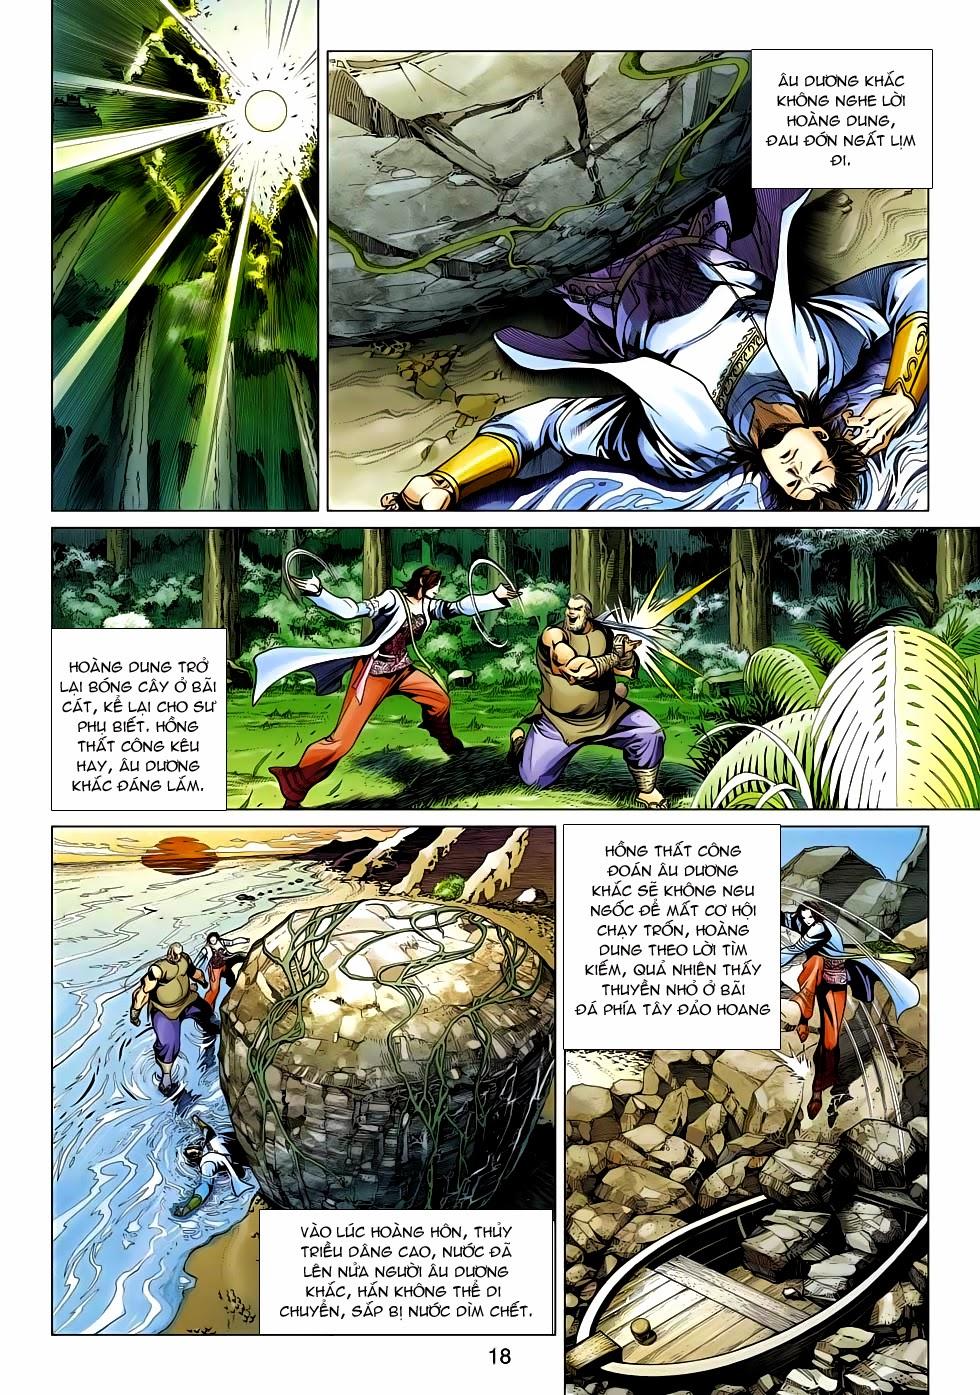 Anh Hùng Xạ Điêu anh hùng xạ đêu chap 54: kiếp hậu dư sinh thiến nữ kỳ mưu trang 18